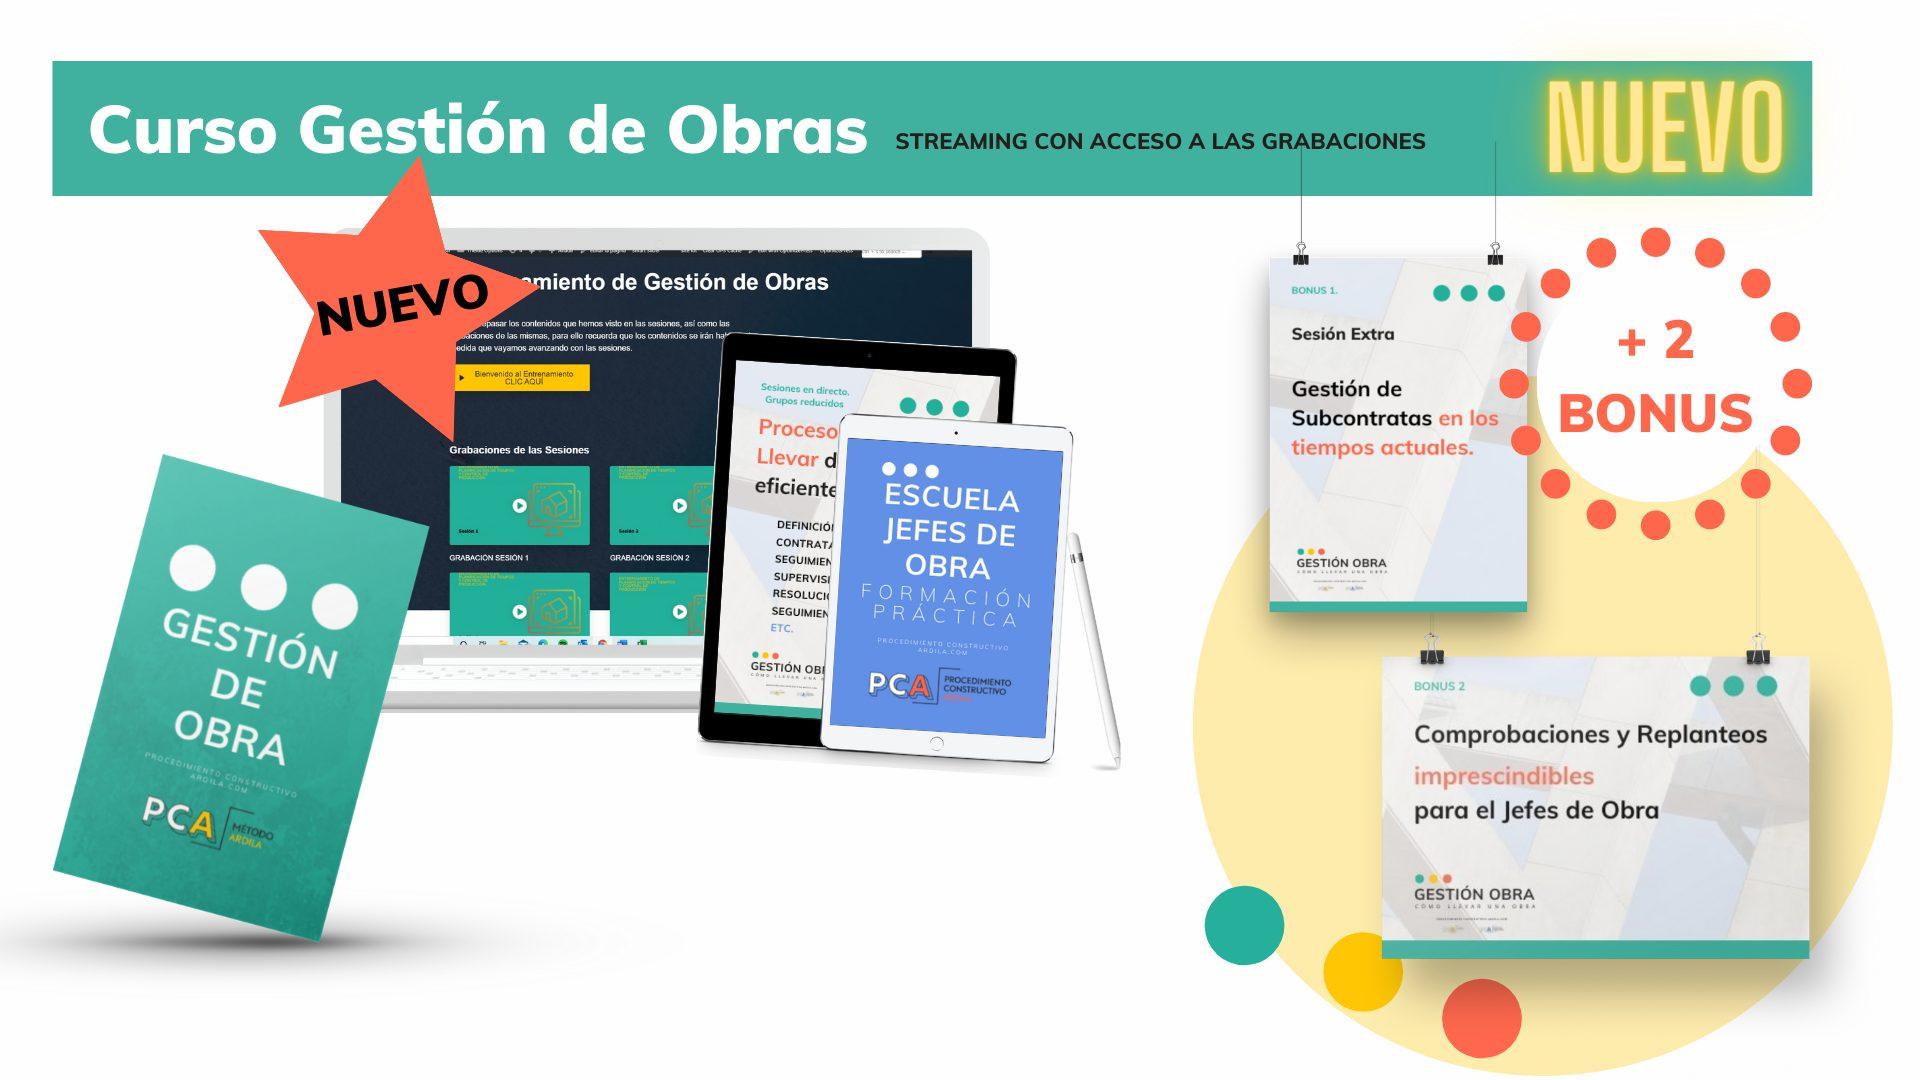 EL MEJOR CURSO PARA JEFES DE OBRA